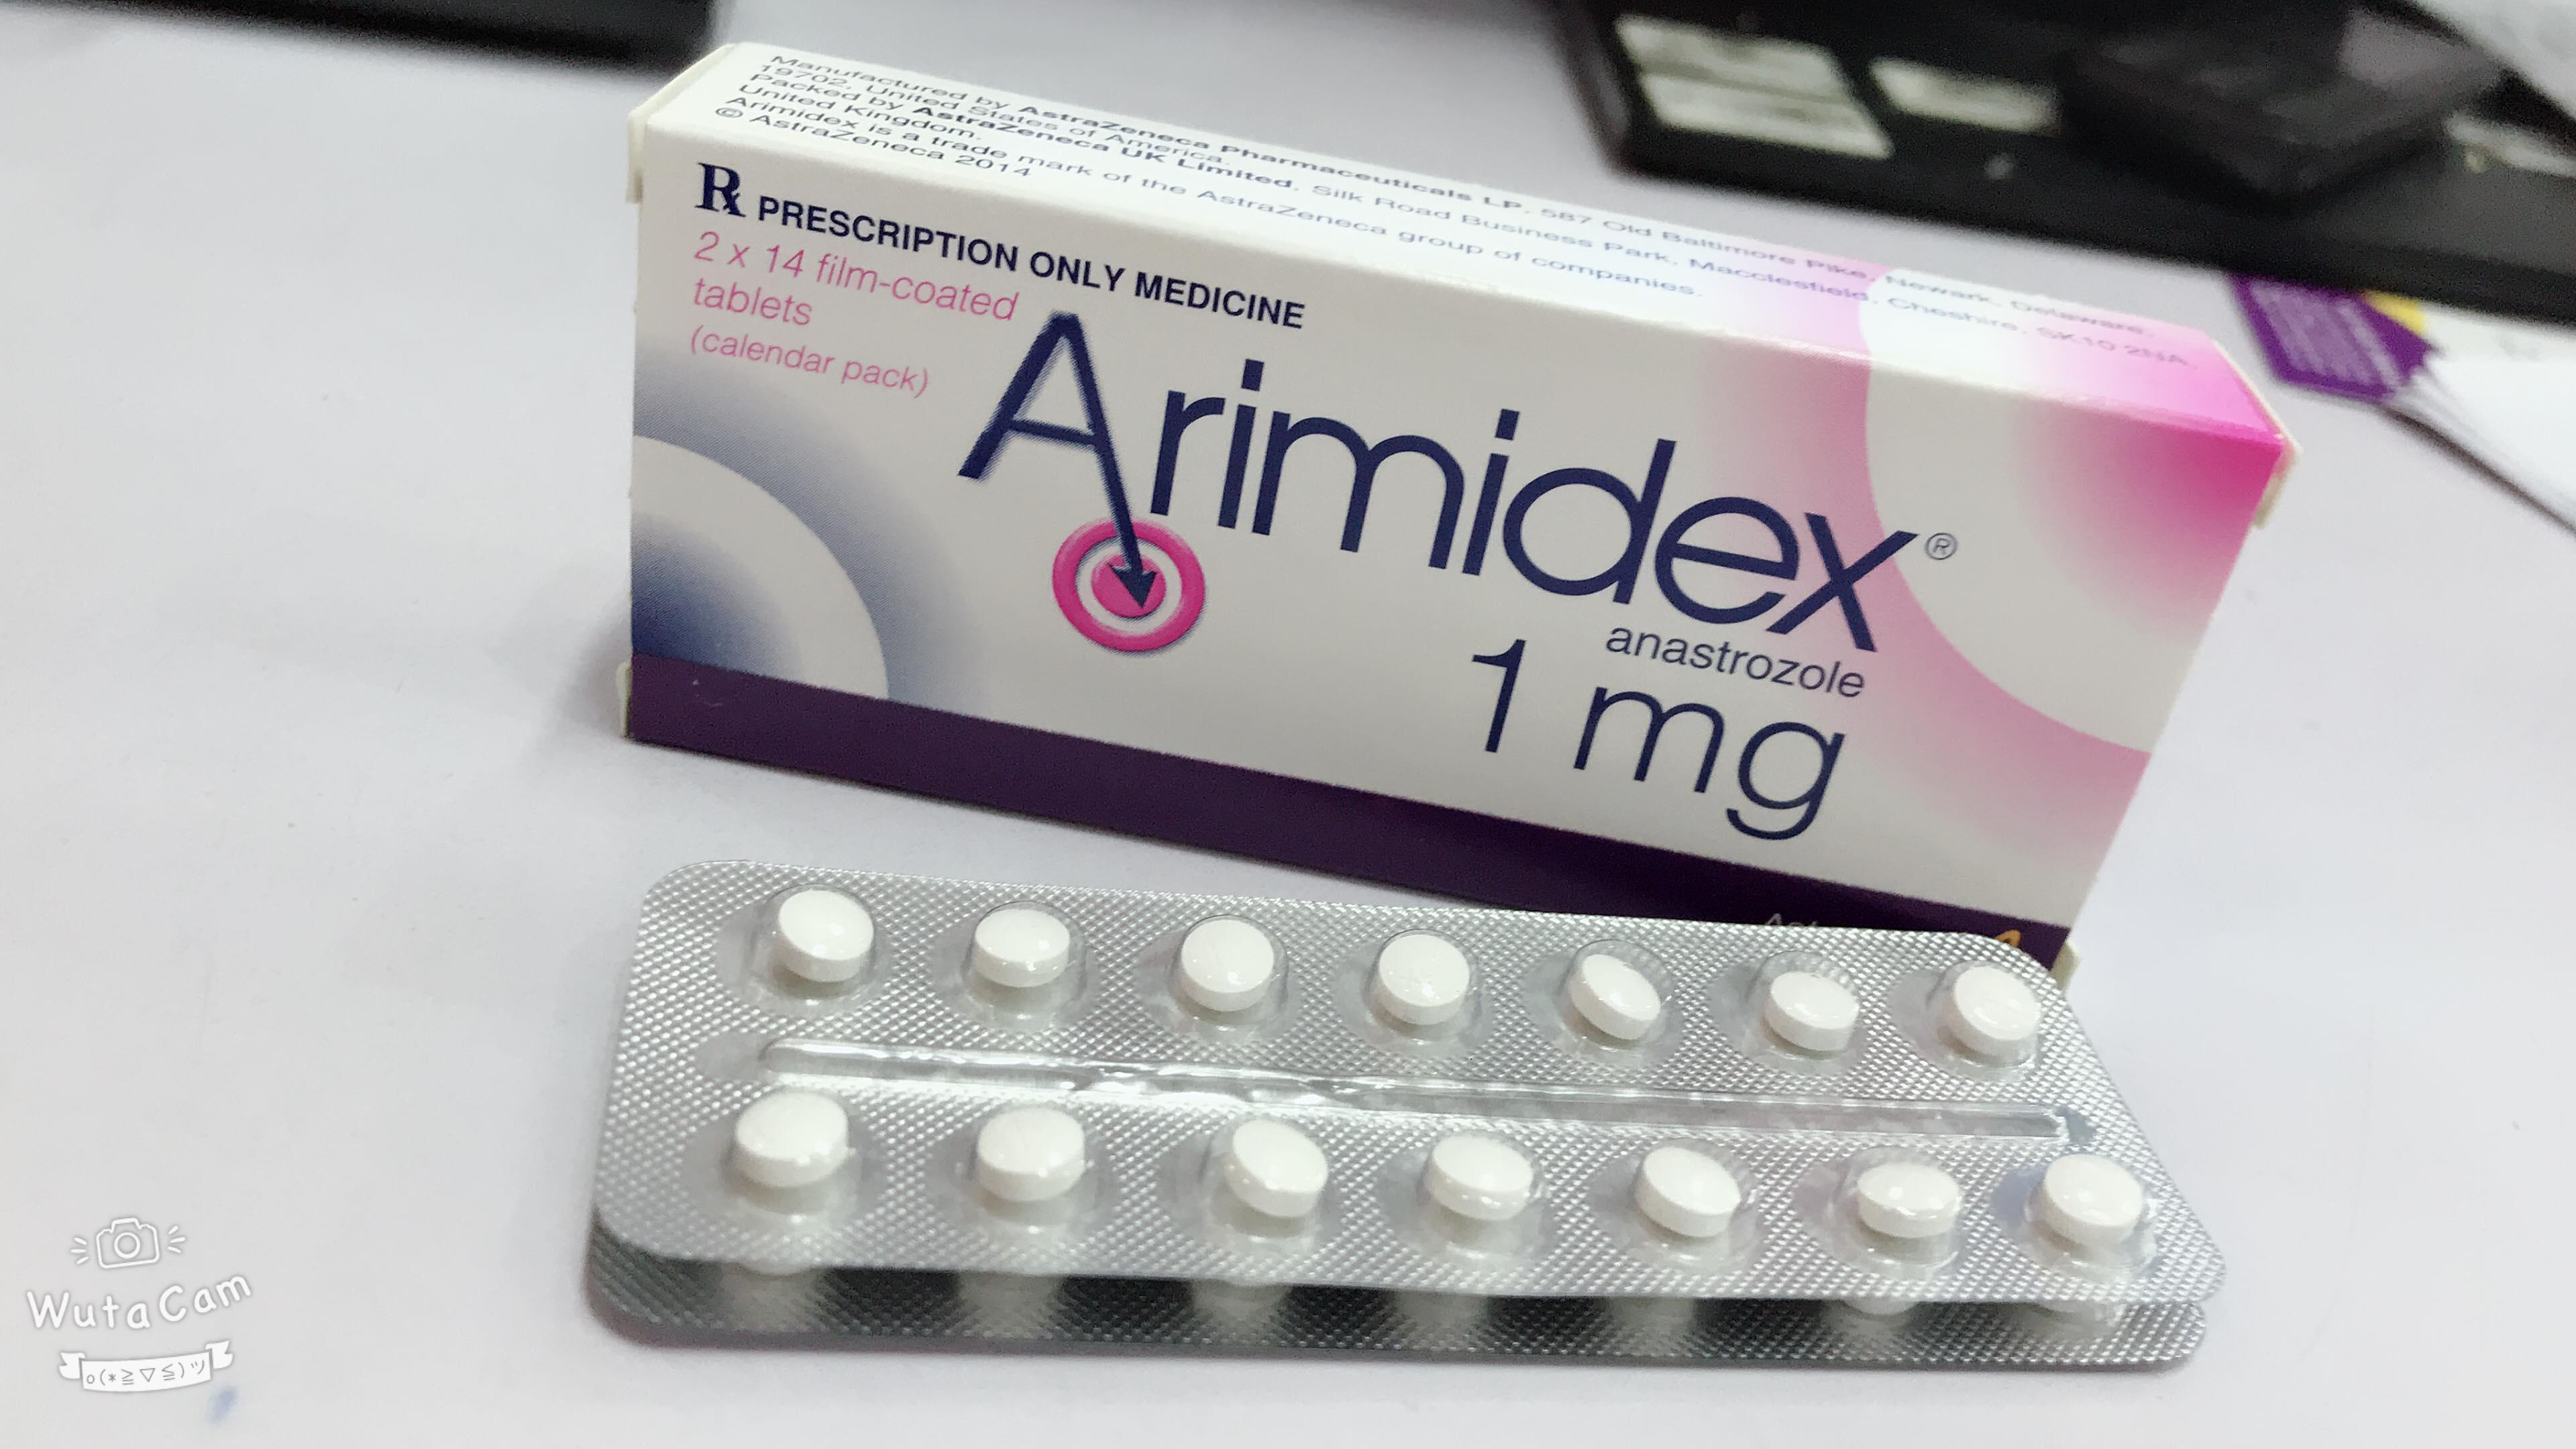 Ung thư vú: ARIMIDEX 1MG 2 vỉ x 14 viên của AstraZeneca, UK